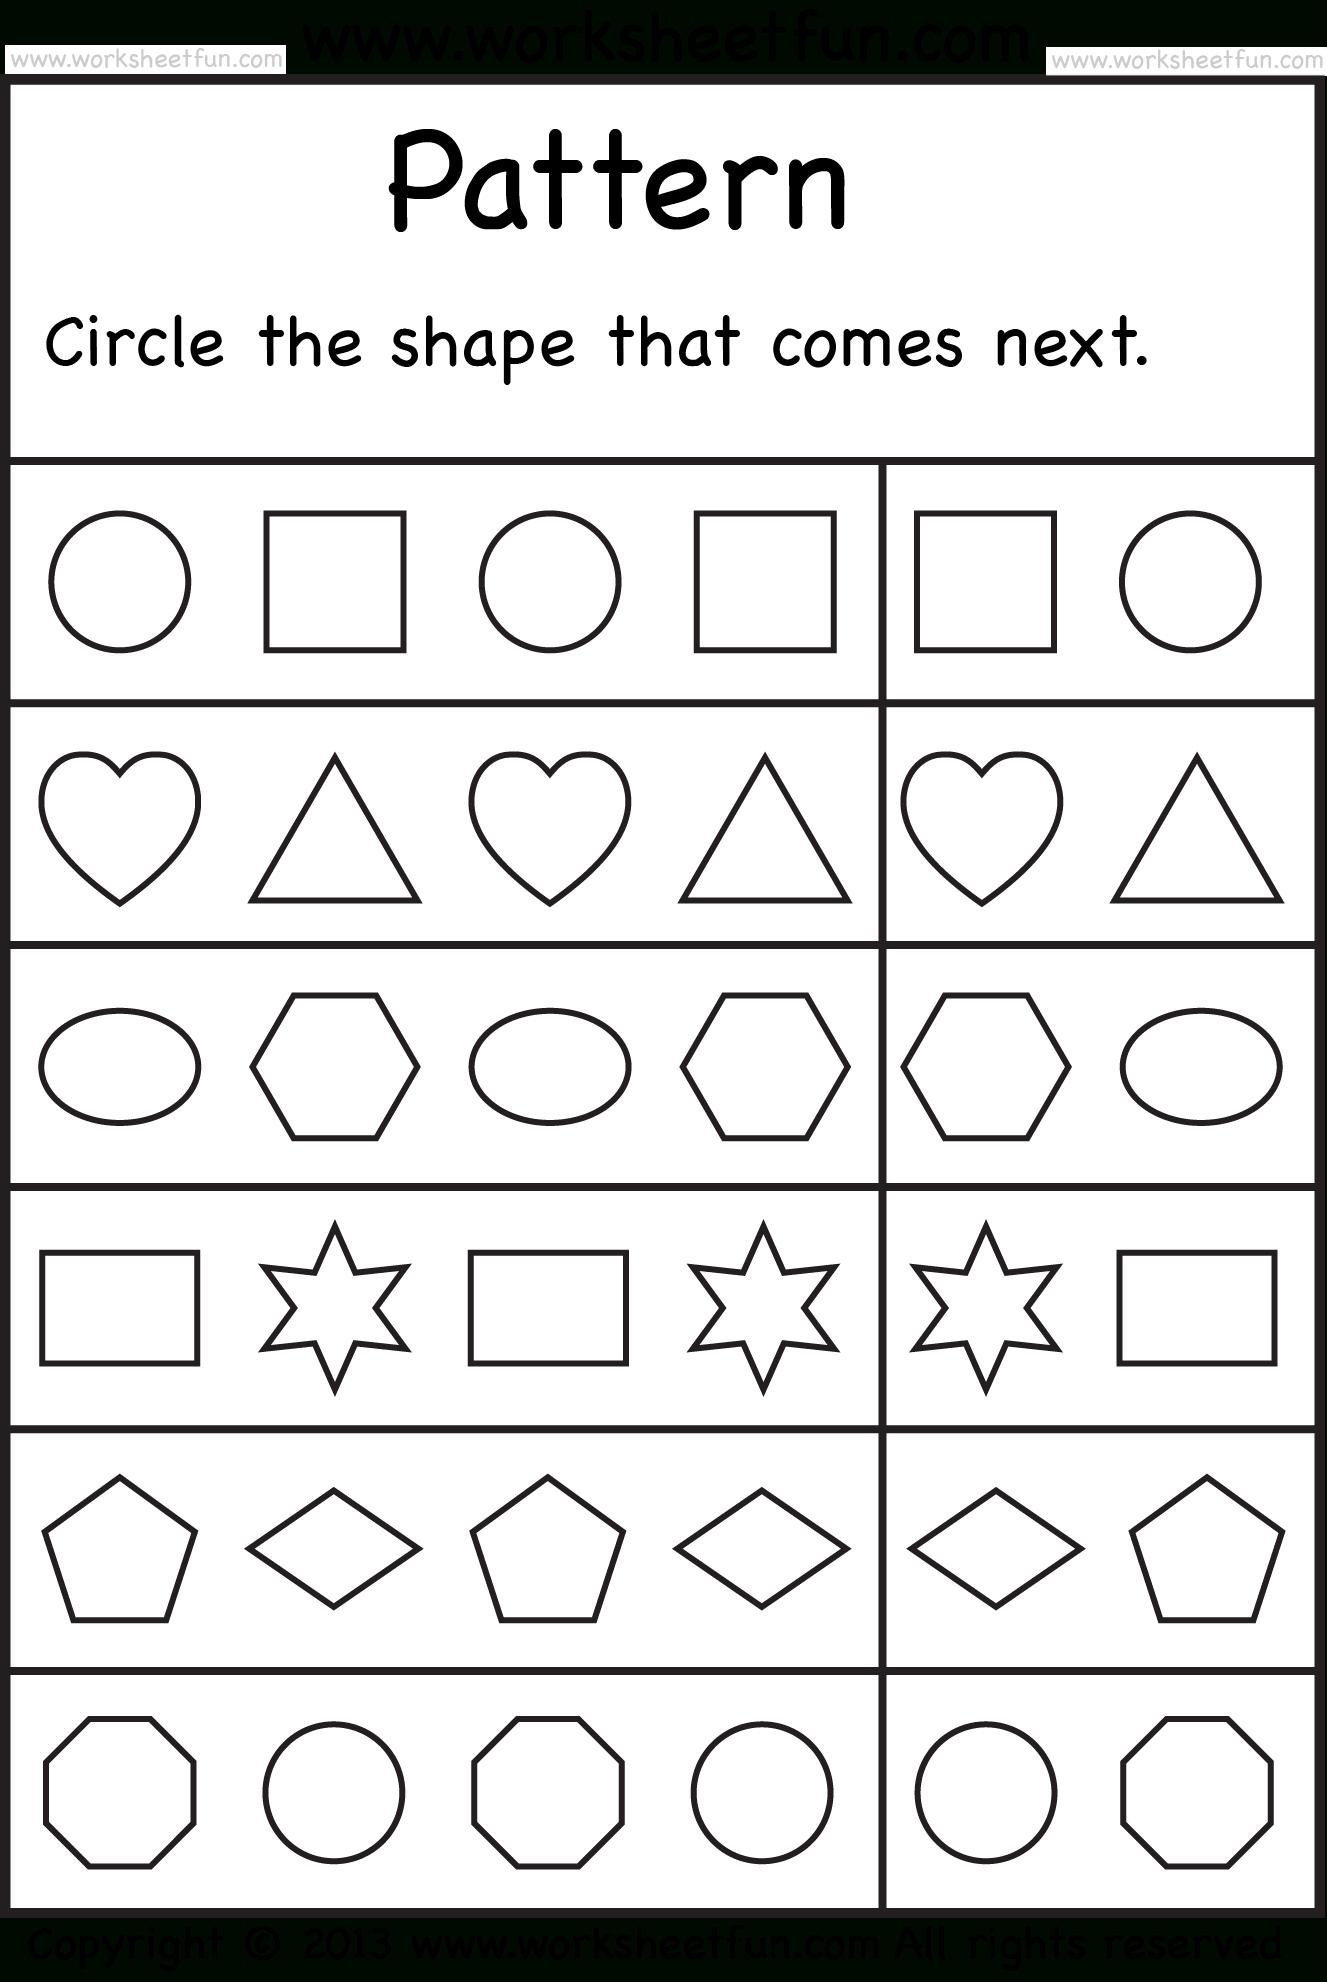 Free Printable Worksheets – Worksheetfun / Free Printable - Free Printable Preschool Worksheets